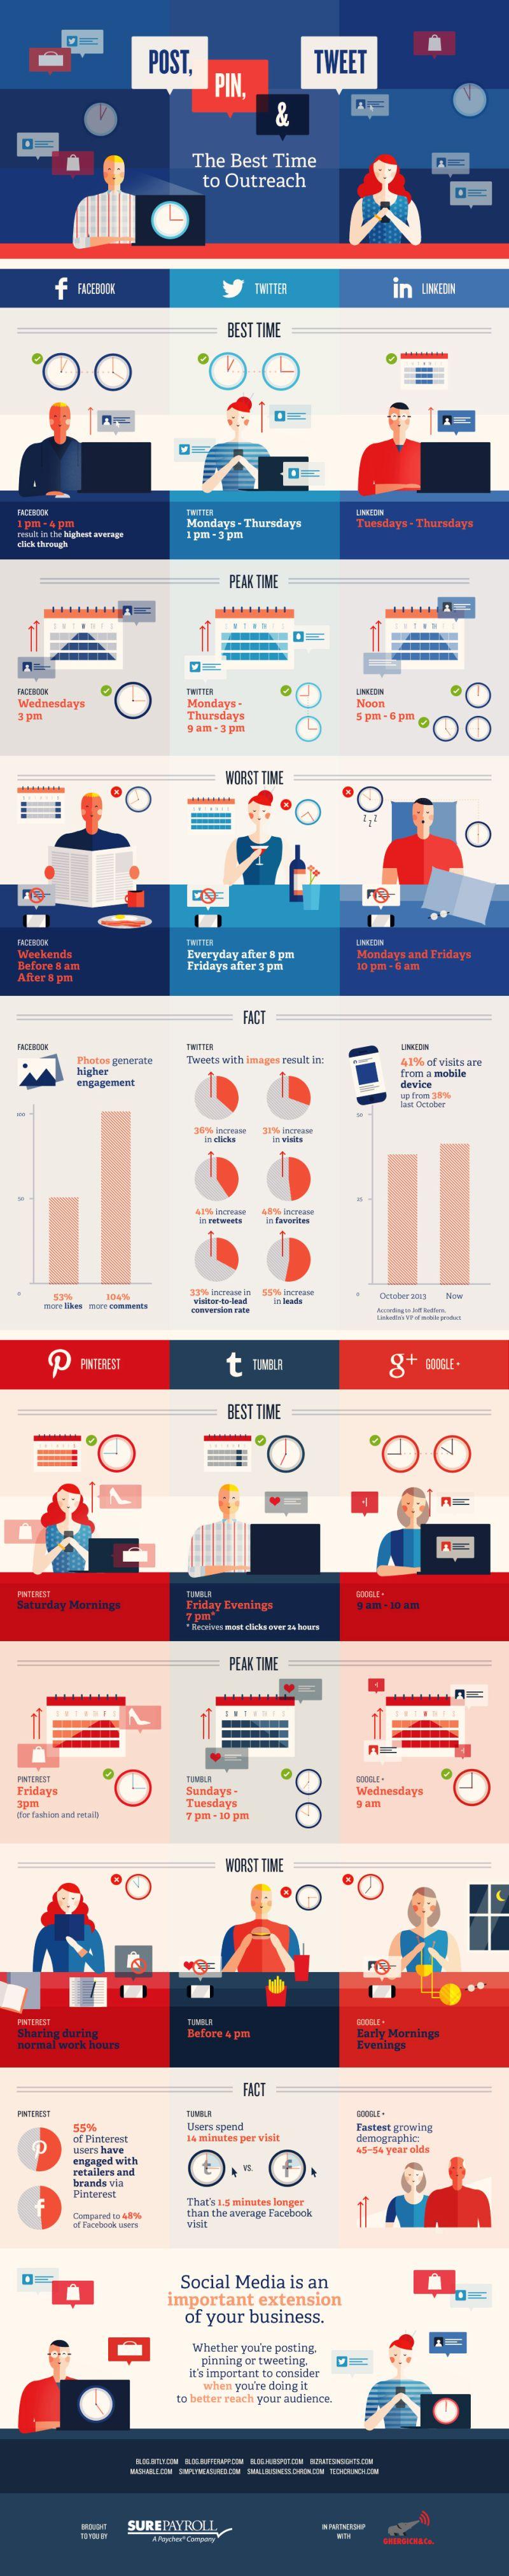 infografika_mikor_posztolj